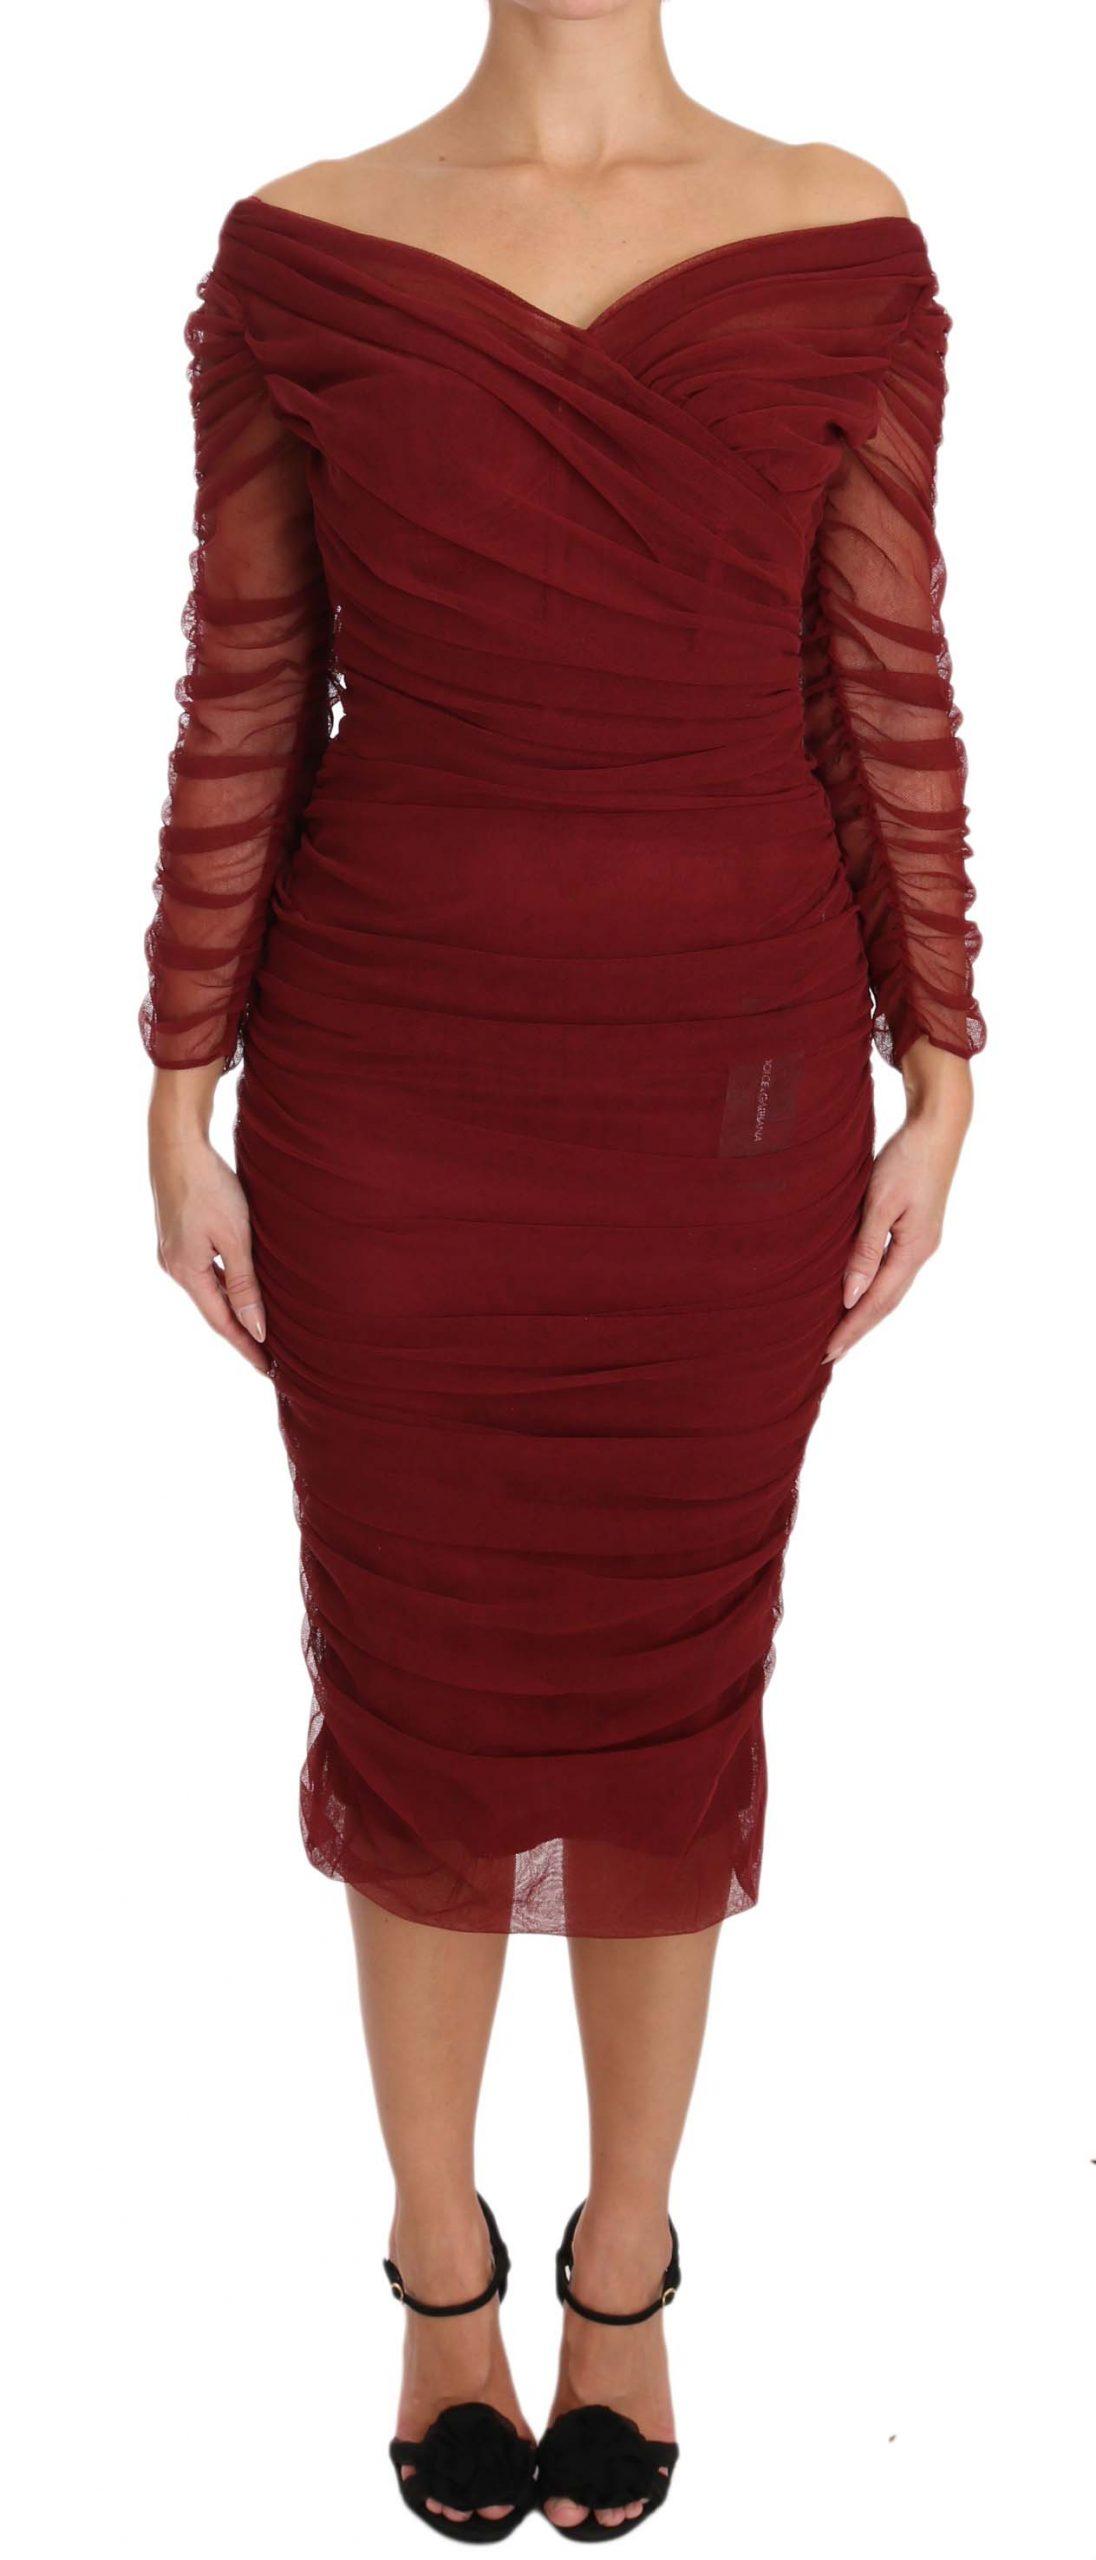 Dolce & Gabbana Women's Stretch Sheath Gown Dress Red DR1577 - IT50 | XXL